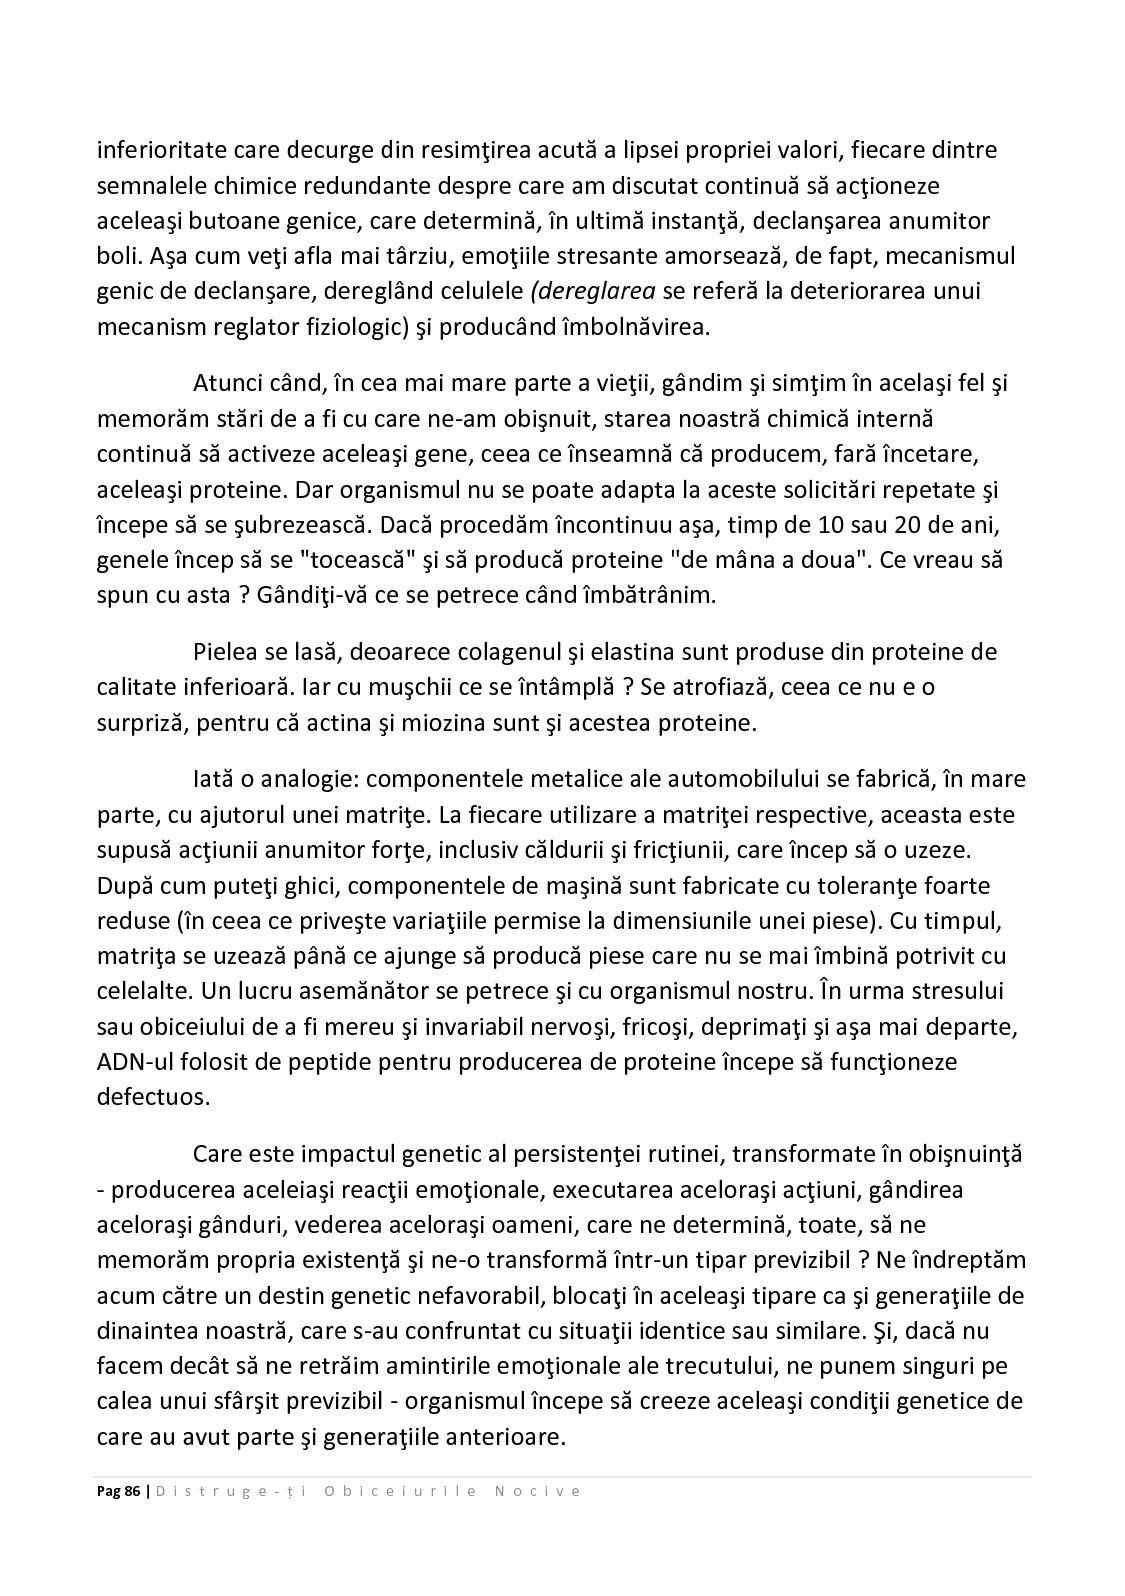 """Iohannis cere dreptul la vot pentru toți românii. """"Votul ține de esența mecanismului democratic"""""""